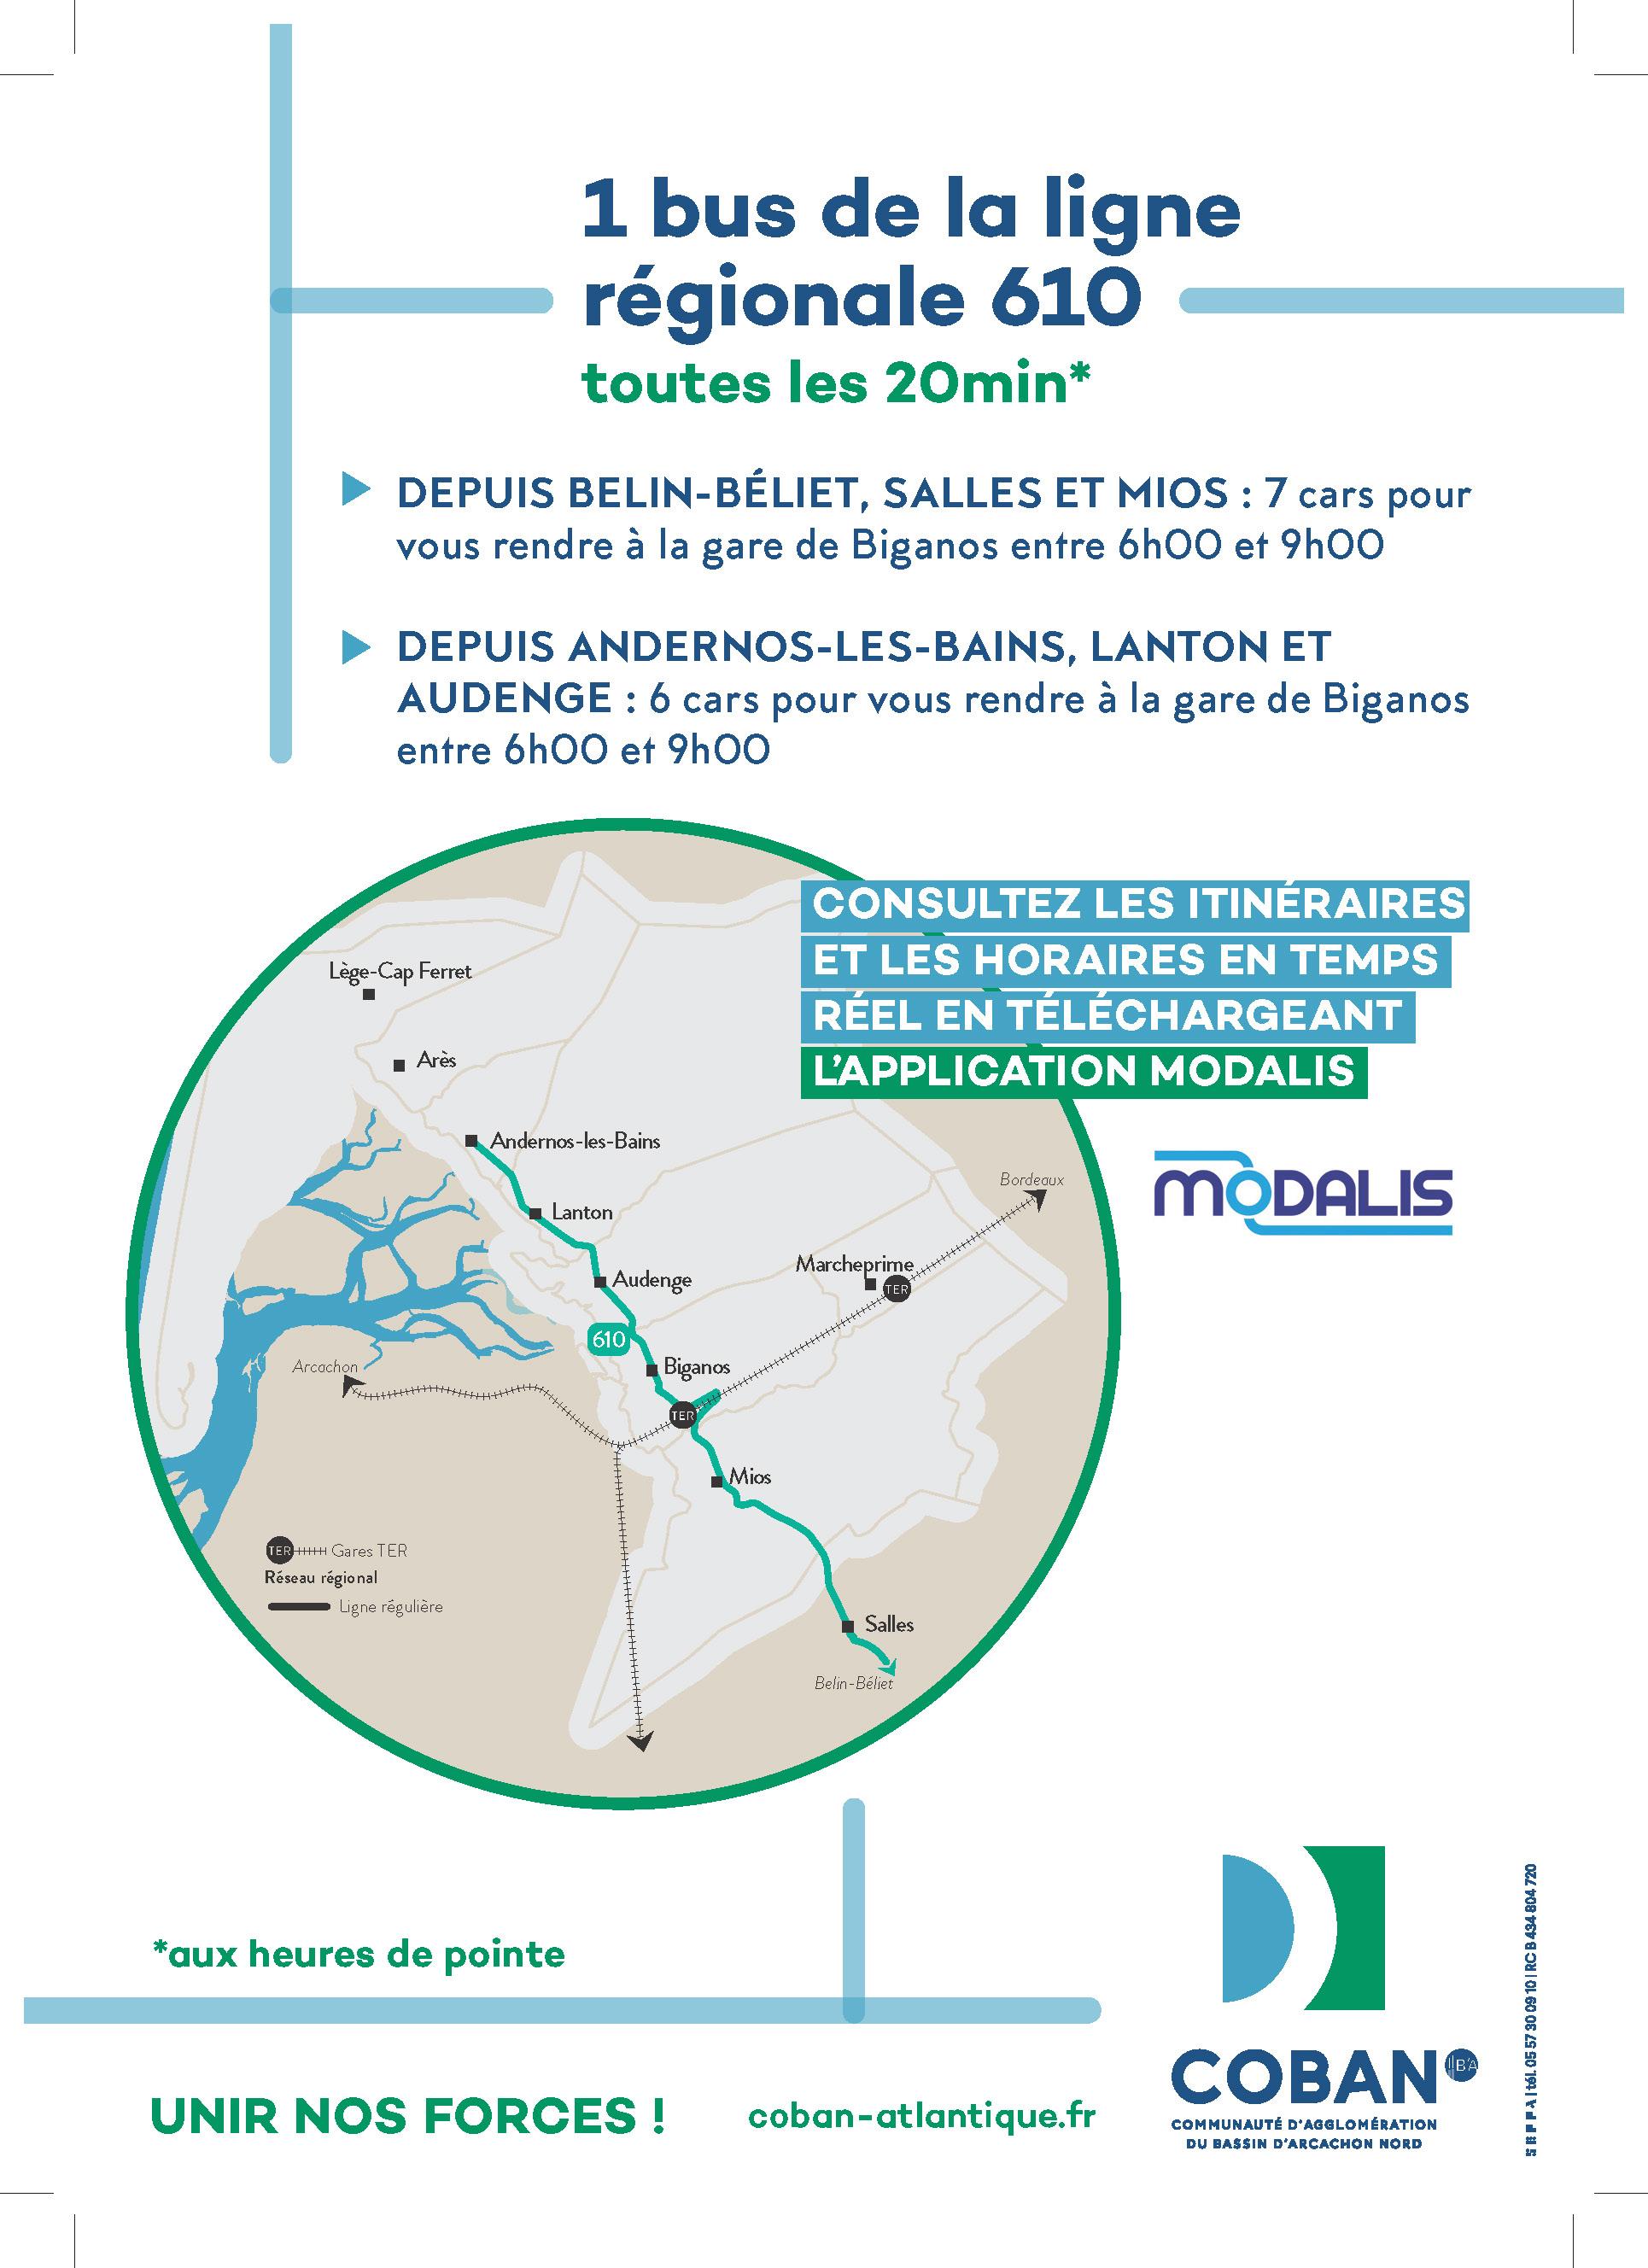 Campagne Transport Septembre 2020 - Ligne 610 - p2